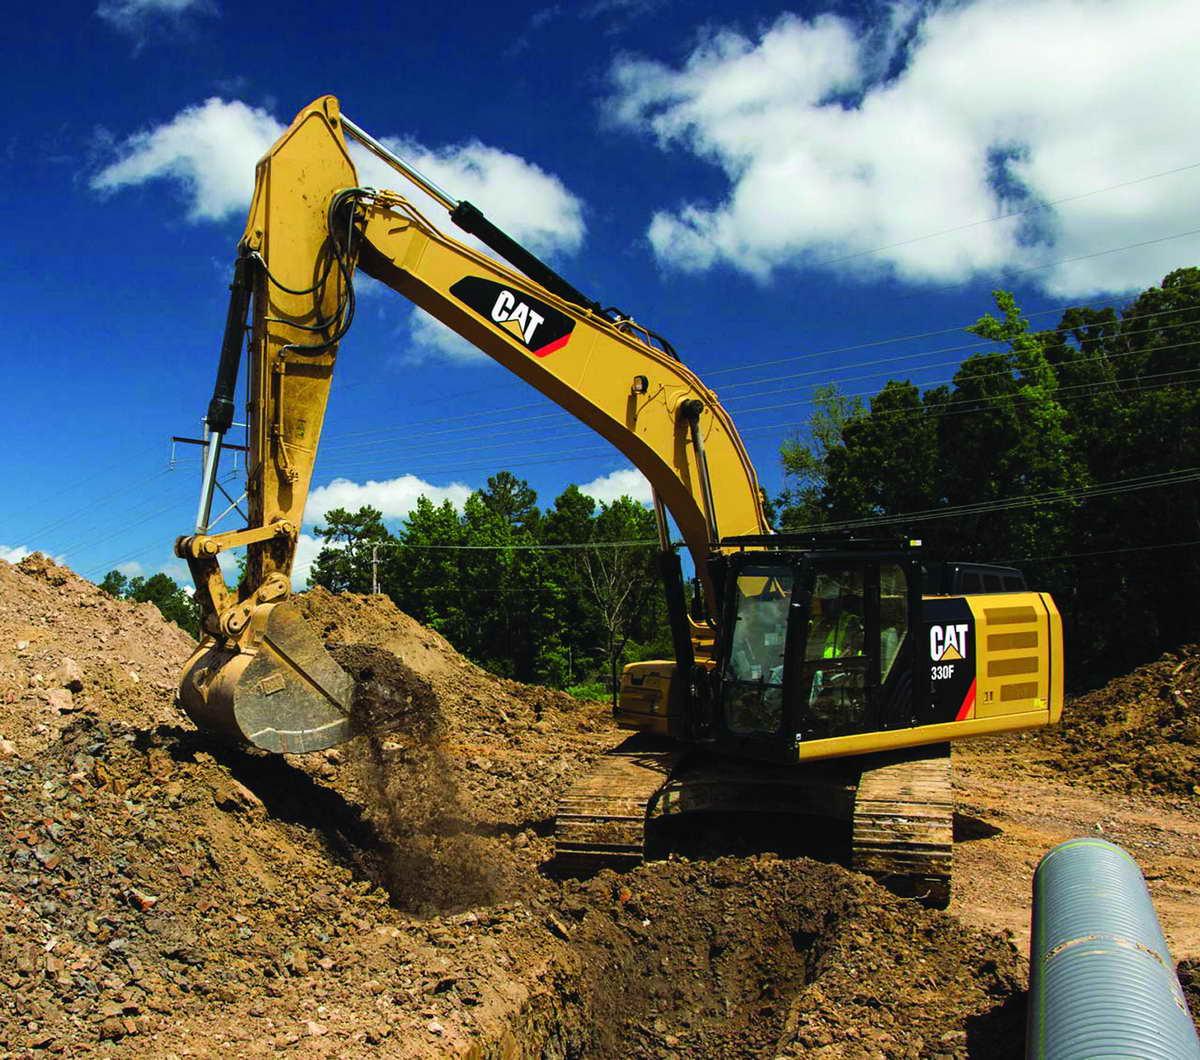 Large Specalog for 330F Hydraulic Excavator, AEHQ7632-00, EU, Tu